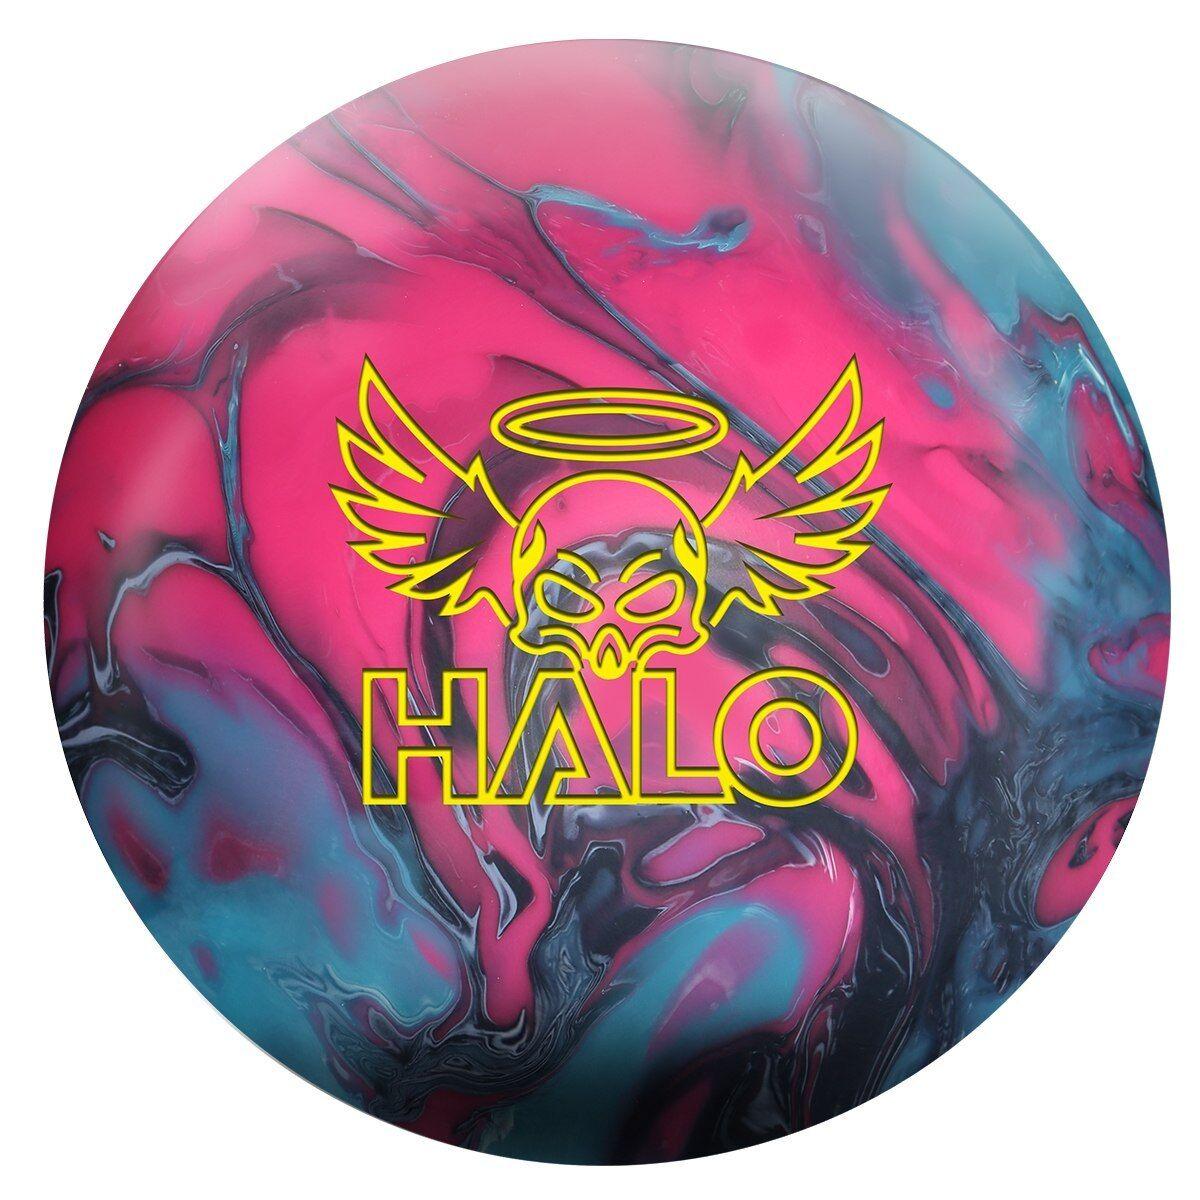 redo Grip Halo Bowling Ball NIB 1st Quality